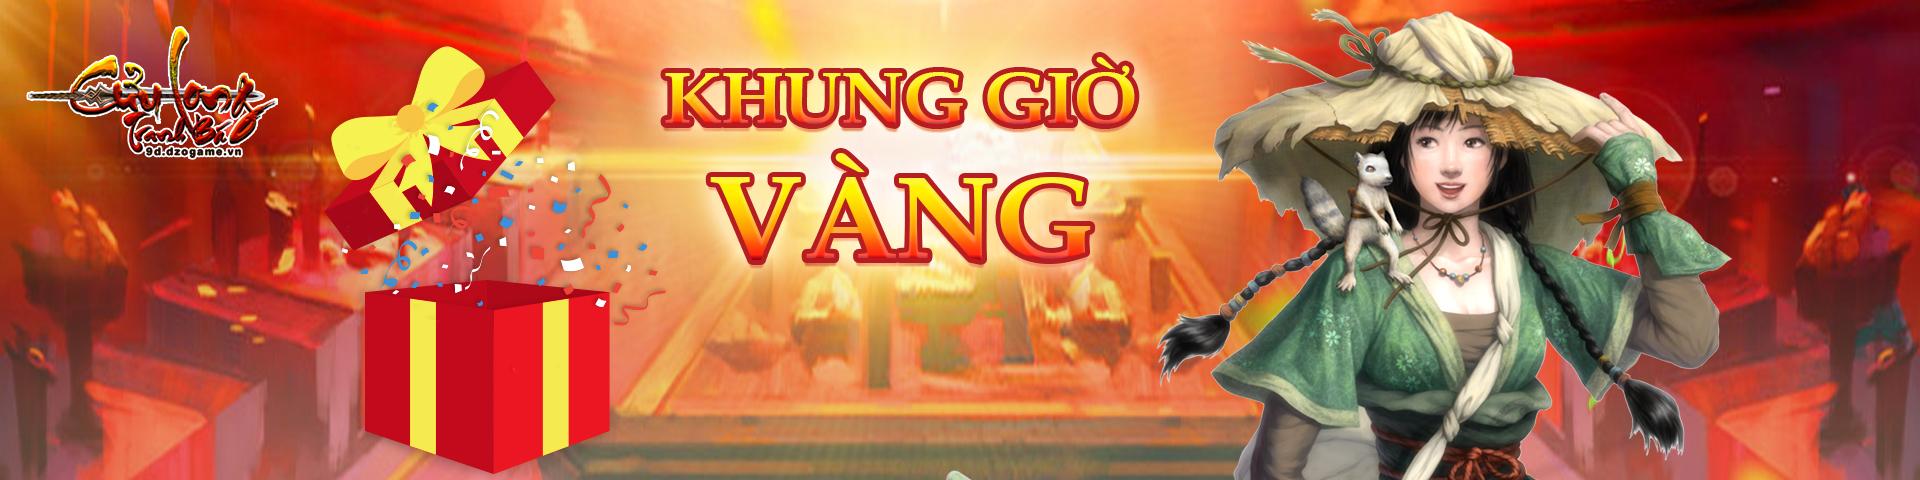 image news Chuỗi Sự Kiện Cuối Tuần Trong Tháng 10 Tiếp Tục Được Diễn Ra.